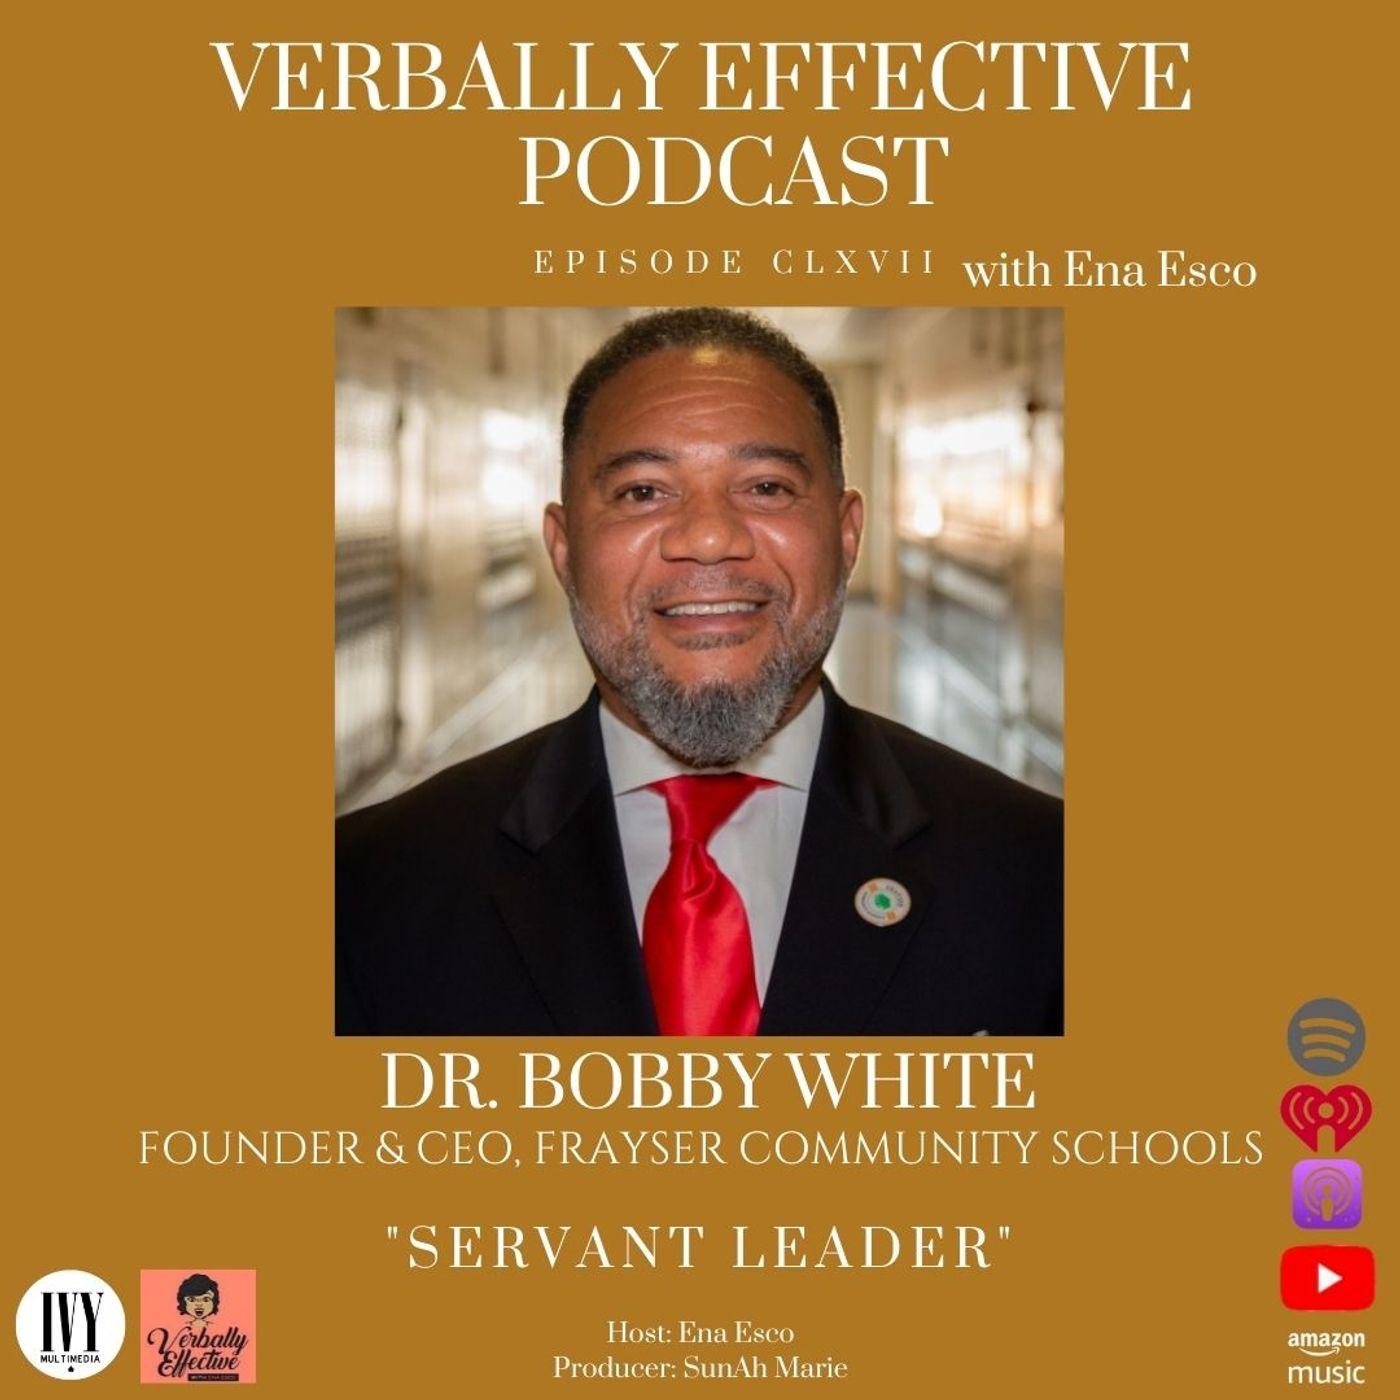 """EPISODE CLXVII   """"SERVANT LEADER"""" w/ DR. BOBBY WHITE"""